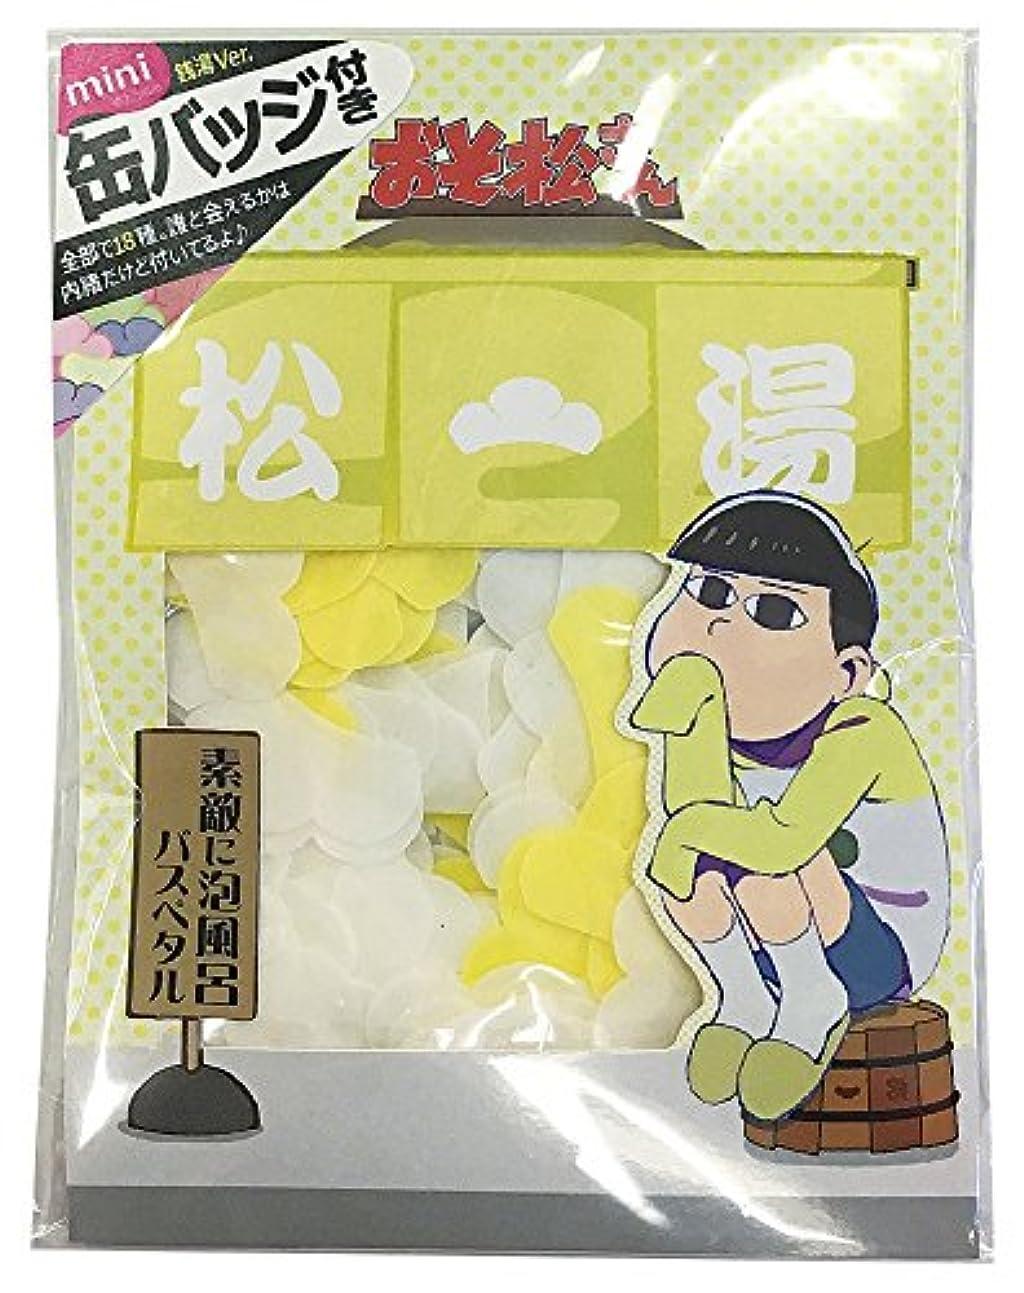 求人連続したジムおそ松さん 入浴剤 バスペタル 十四松 香り付き ミニ缶バッジ付き ABD-001-005